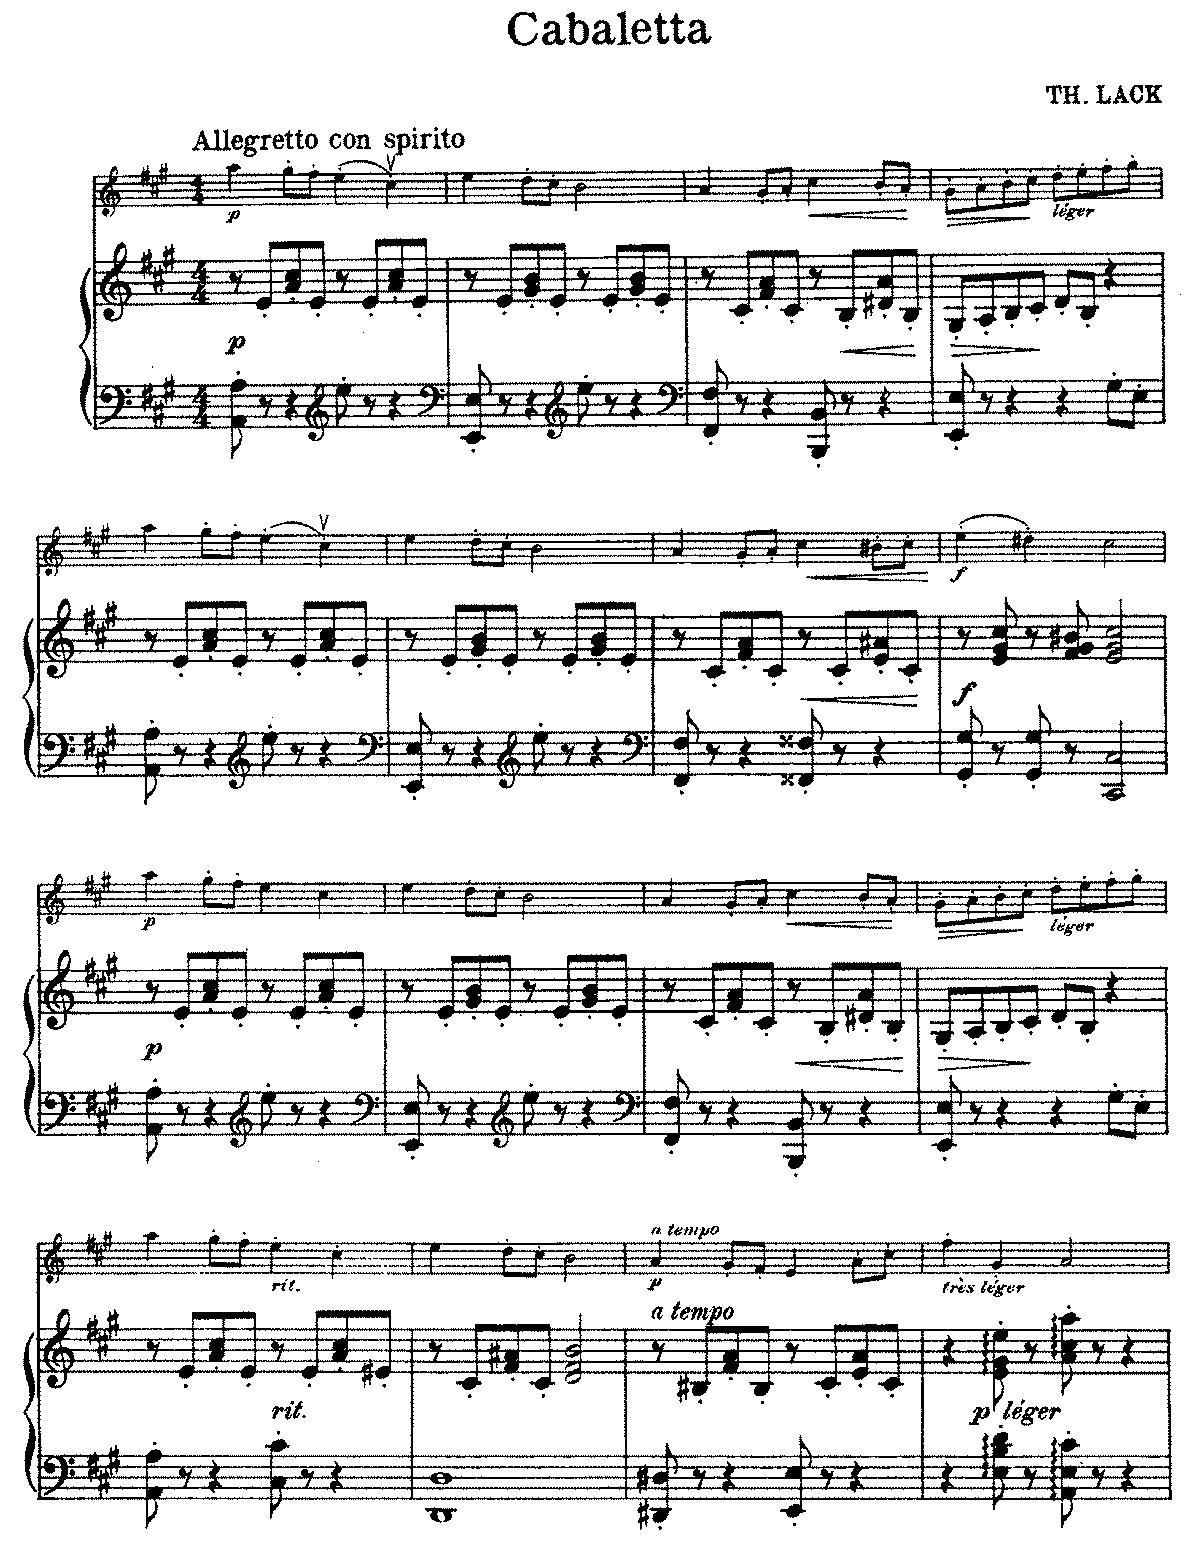 Cabaletta, Op.83 (Lack, Théodore) - IMSLP/Petrucci Music ... Theodore Lack